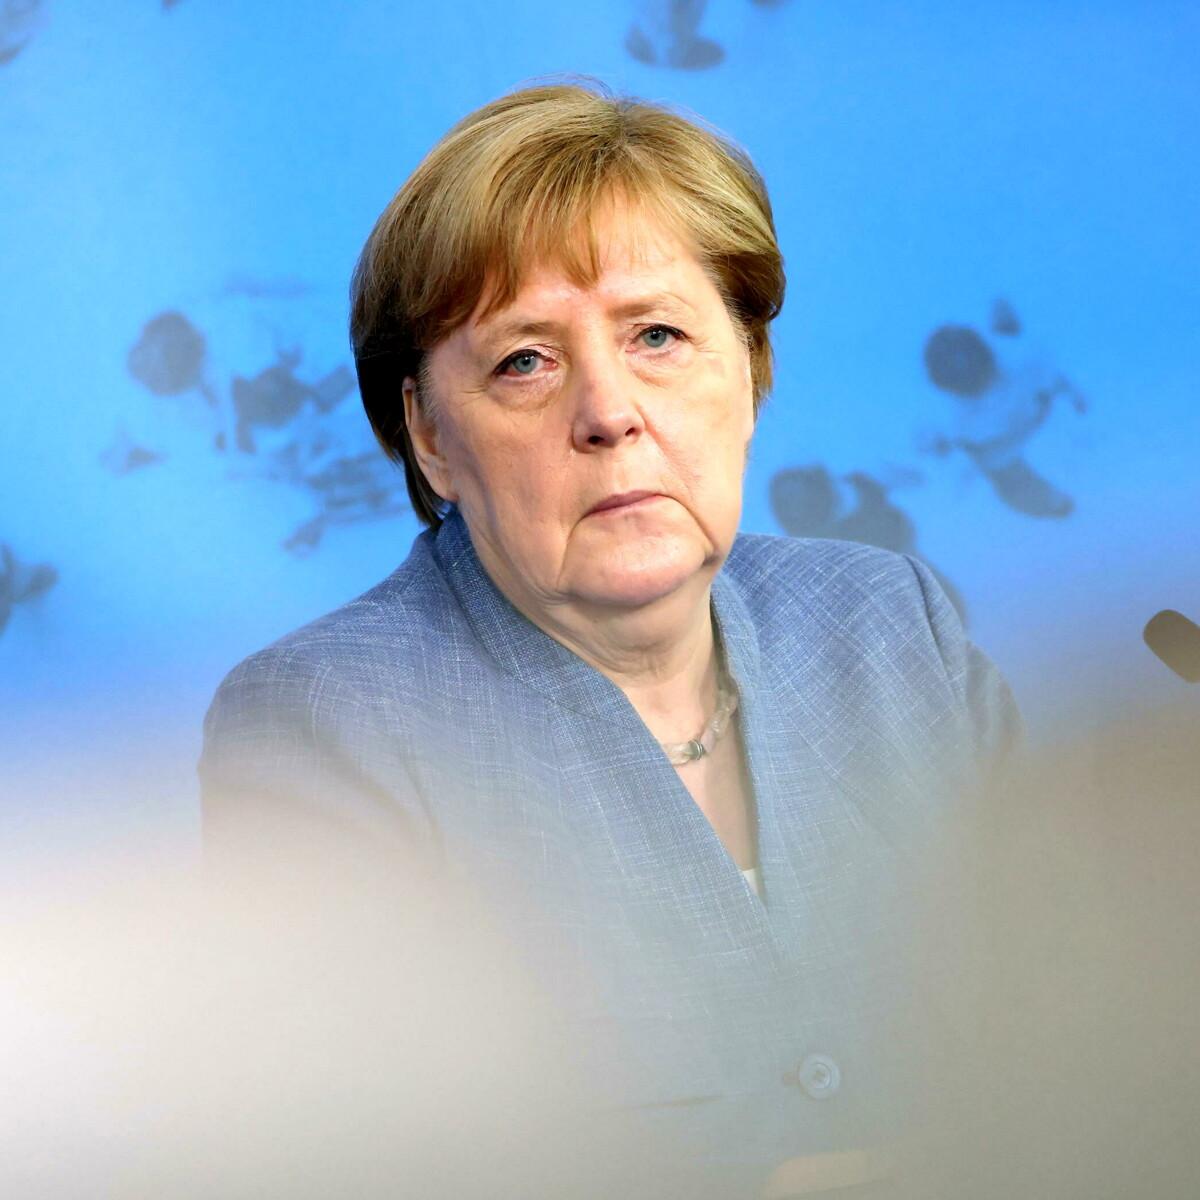 Elezioni in Germania, non vince nessuno: il rebus del dopo Merkel